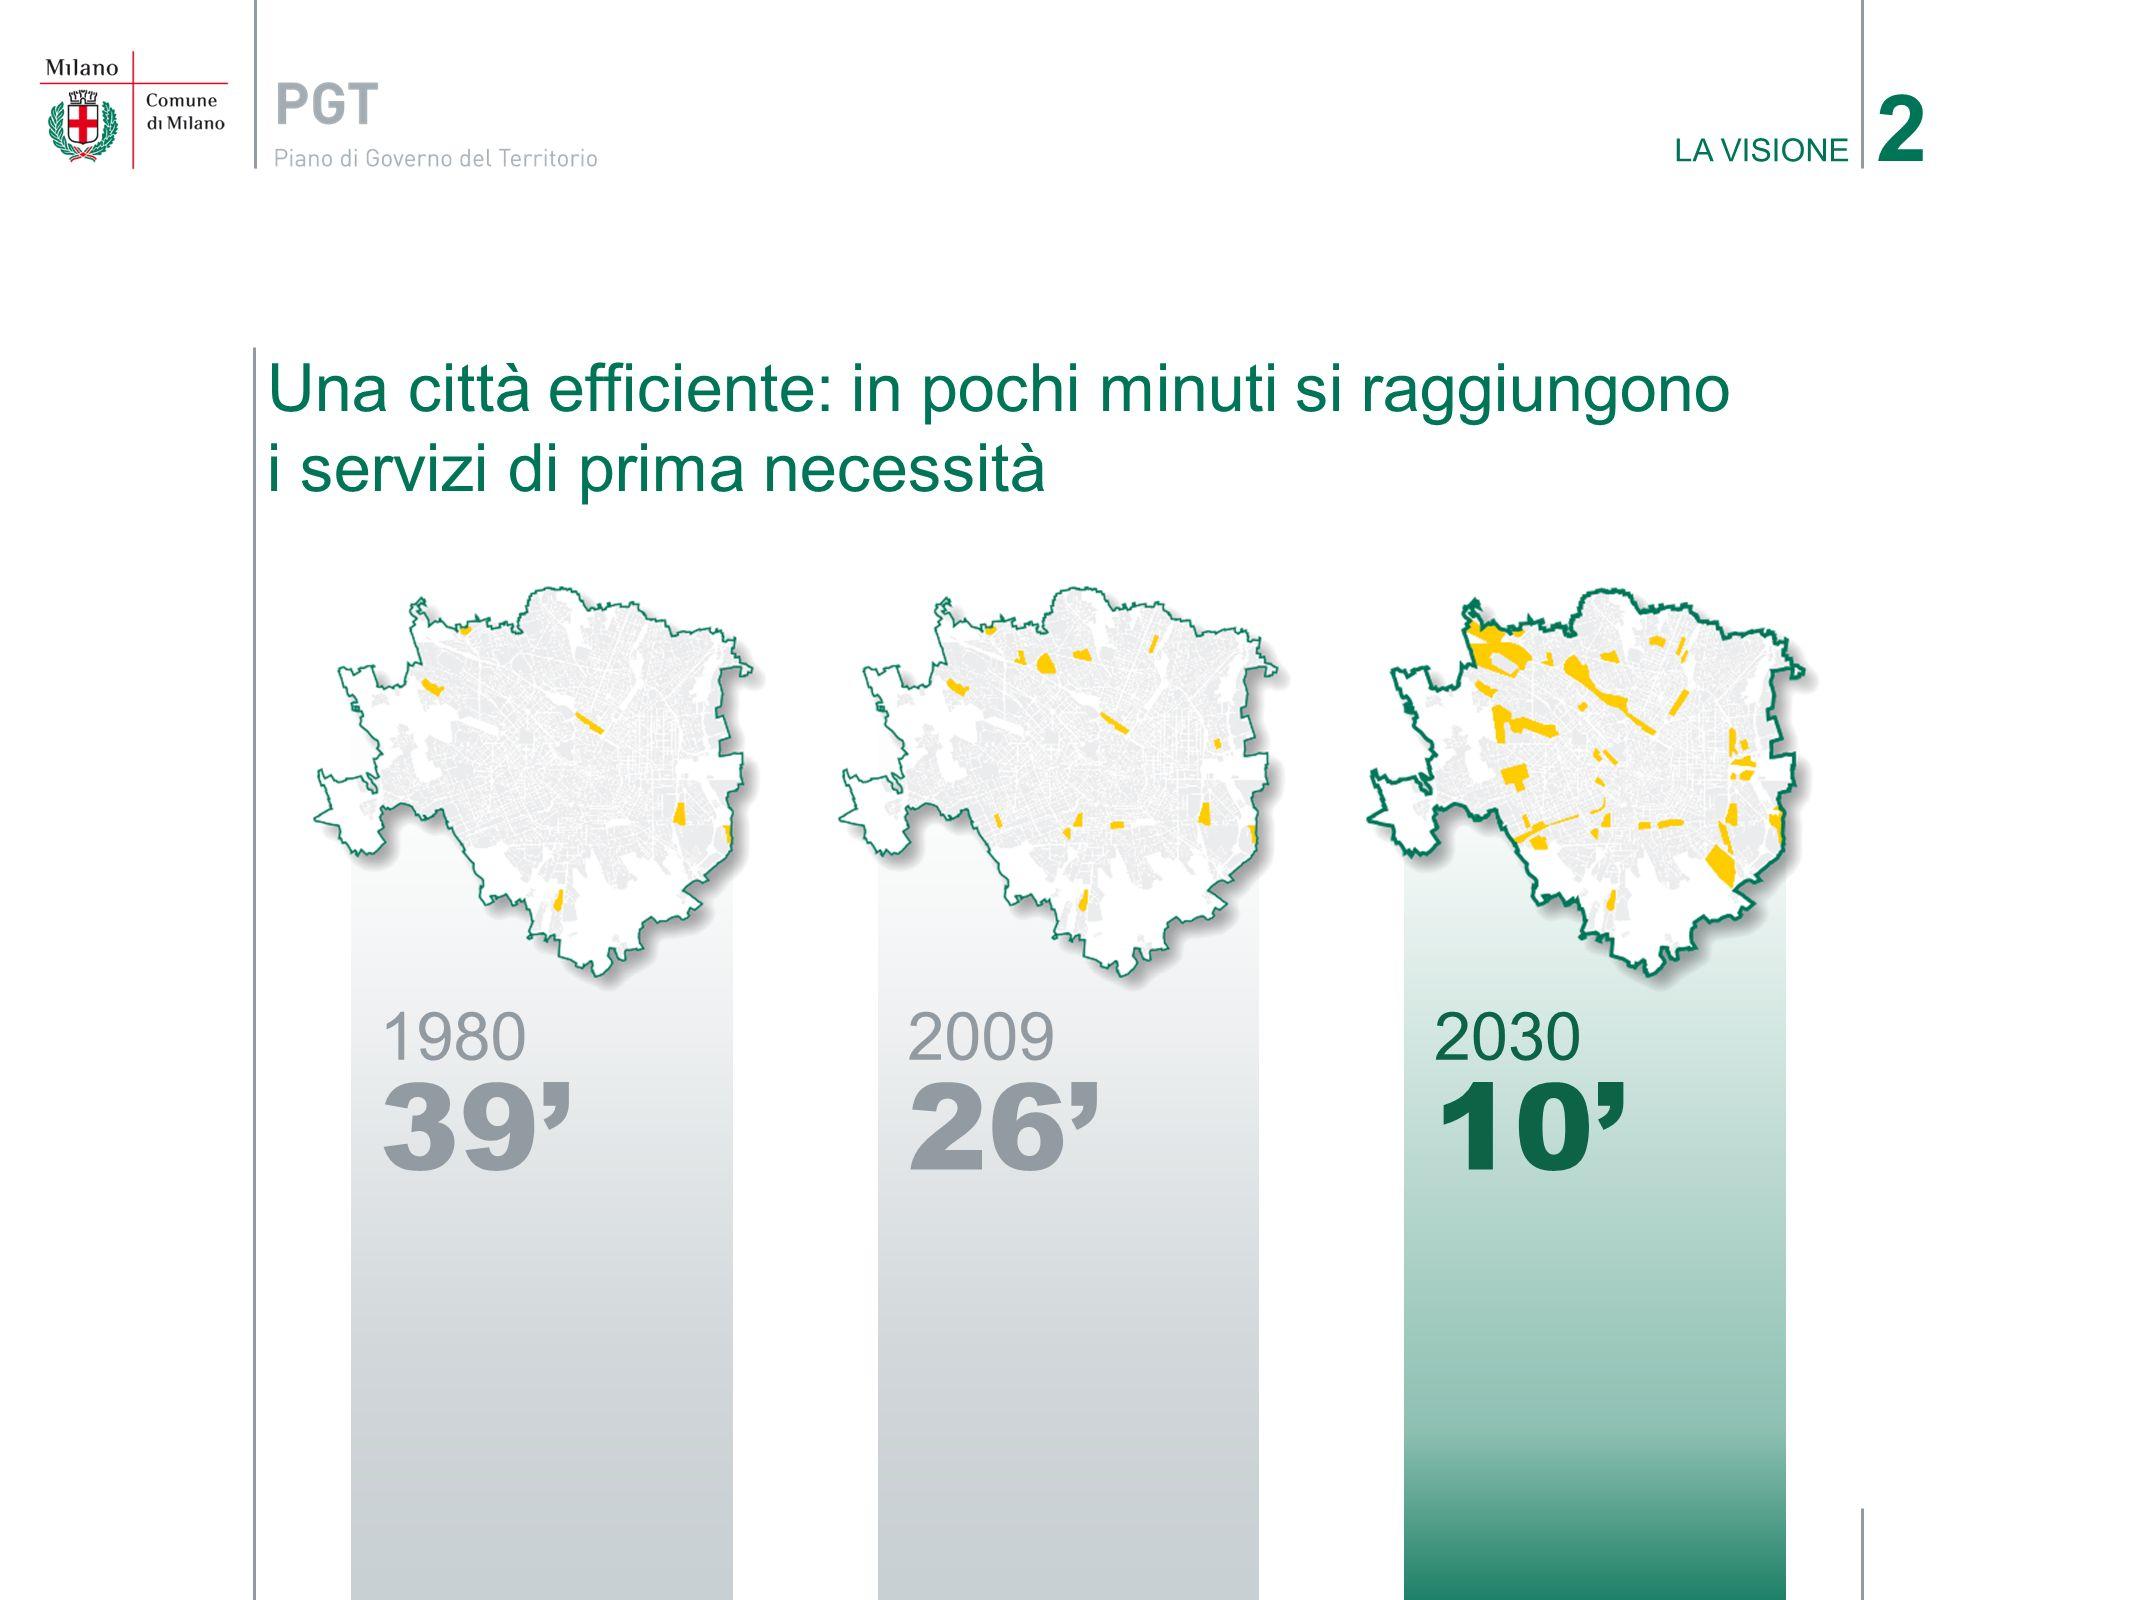 Una città efficiente: in pochi minuti si raggiungono i servizi di prima necessità LA VISIONE 2 1980 39 2009 26 2030 10